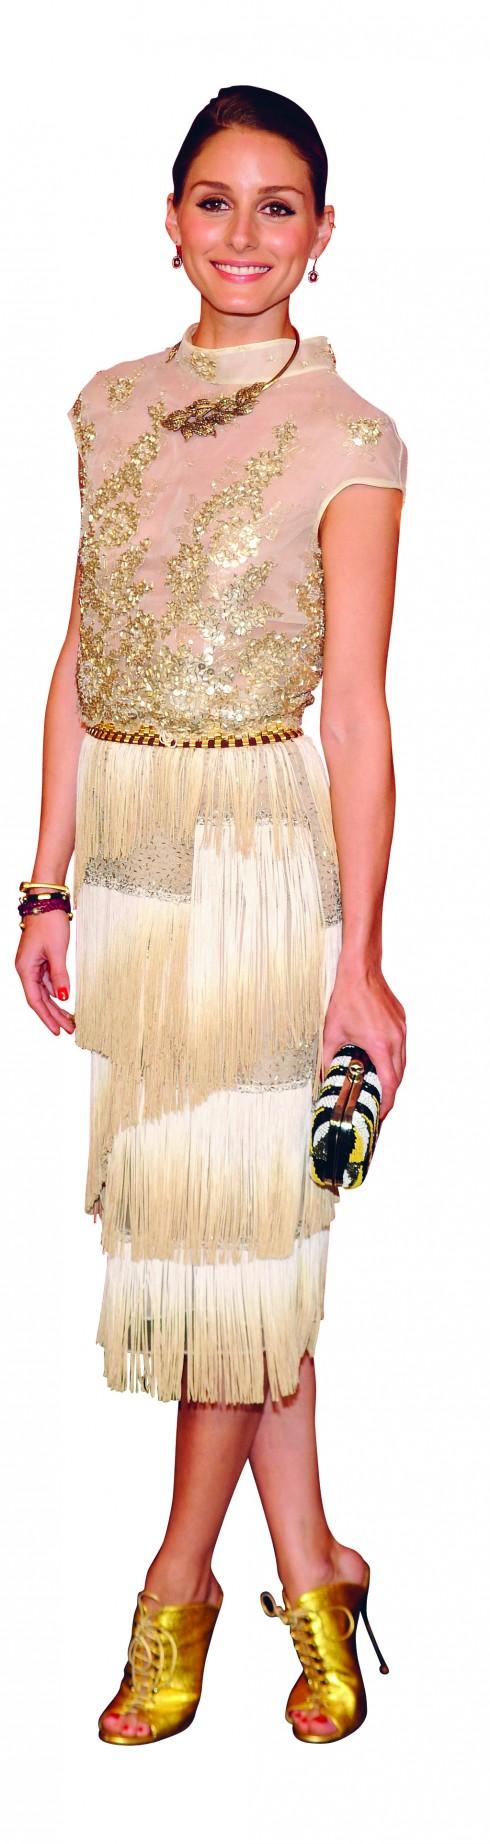 <b>7.</b> Cô lộng lẫy trong trang phụccủa DENNIS BASSO với áo voanmỏng thêu hoa và chân váy tuarua cổ điển.